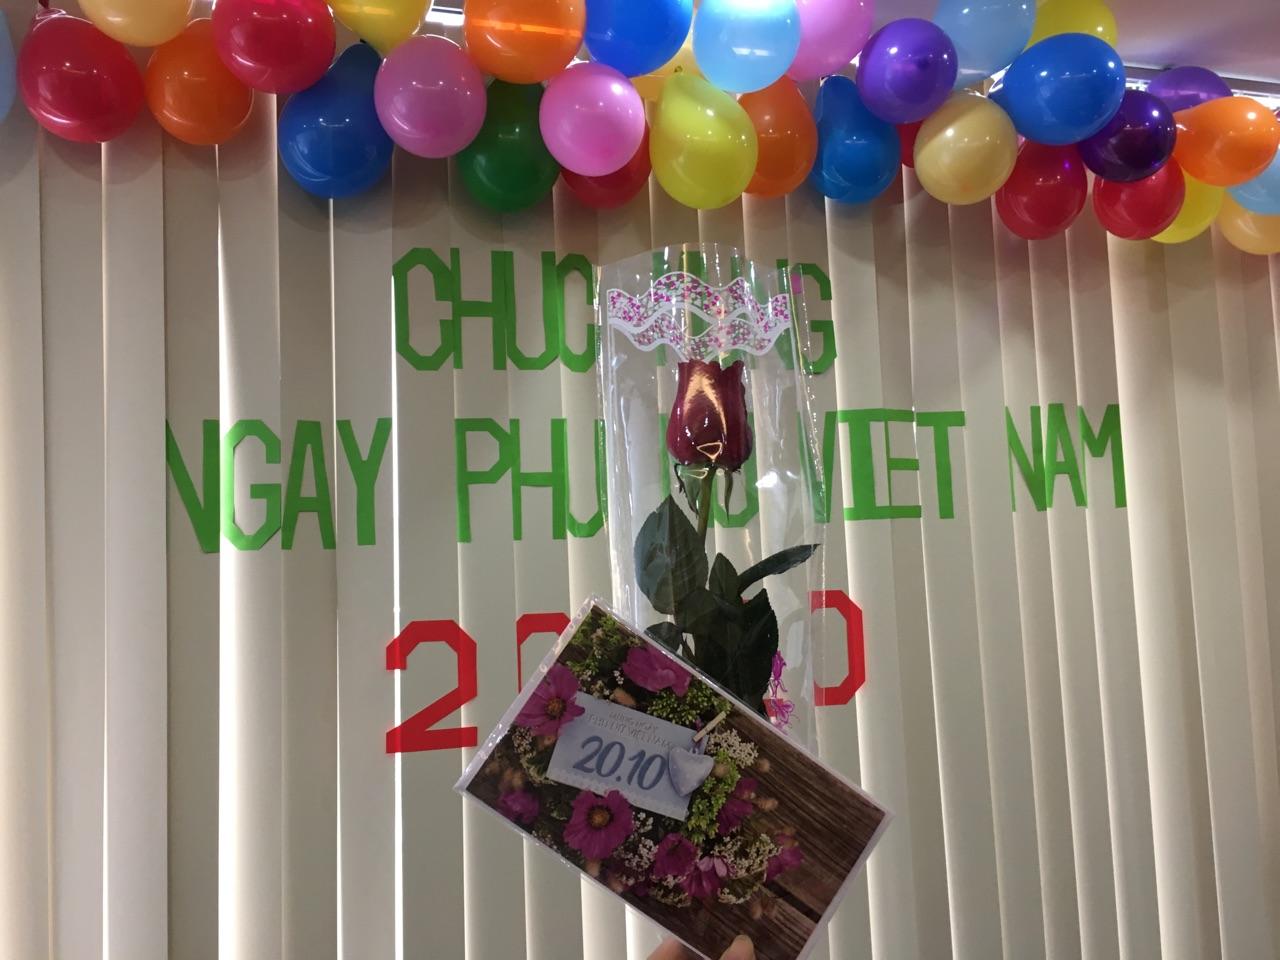 EMS CORP chúc mừng ngày phụ nữ Việt nam 20-10